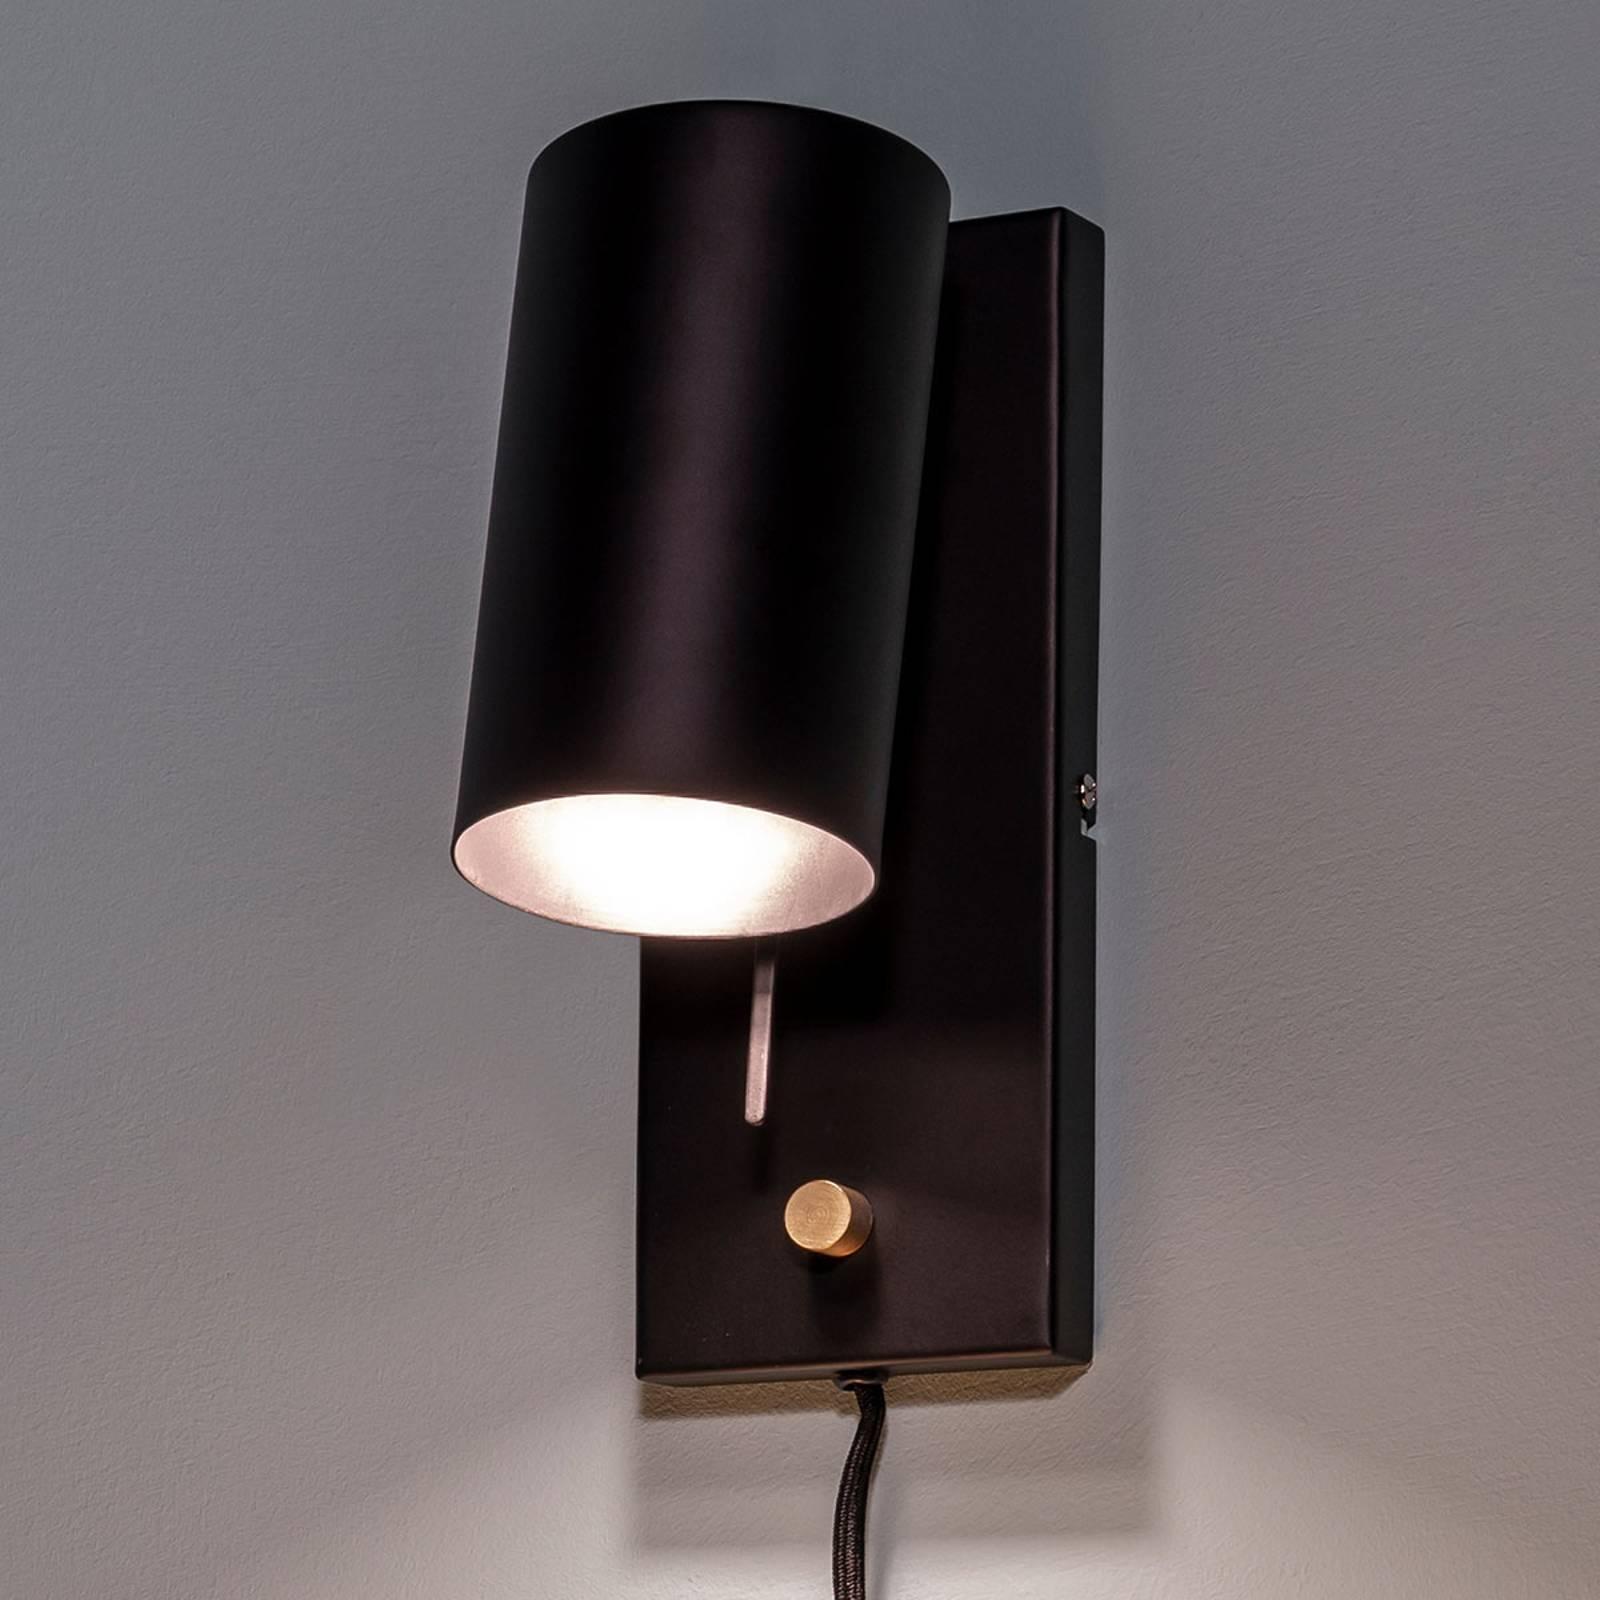 wandbeleuchtung und andere lampen von marksl jd bei lampenwelt online kaufen bei m bel garten. Black Bedroom Furniture Sets. Home Design Ideas